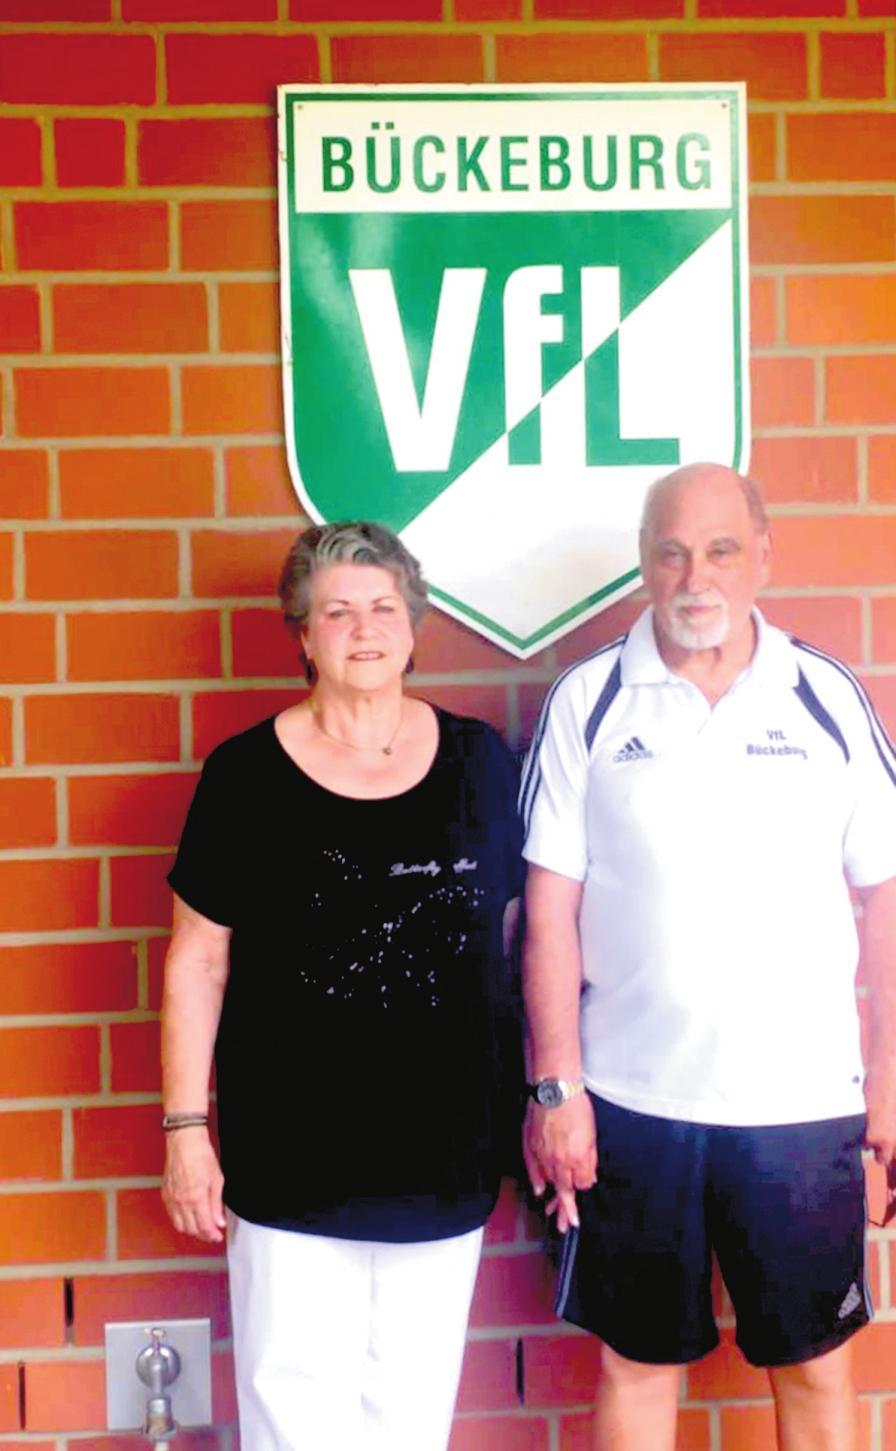 Das Ehepaar Roswitha und Hans Hößler vor dem VfLWappen am Bückeburger Kabinentrakt. FOTO: FW